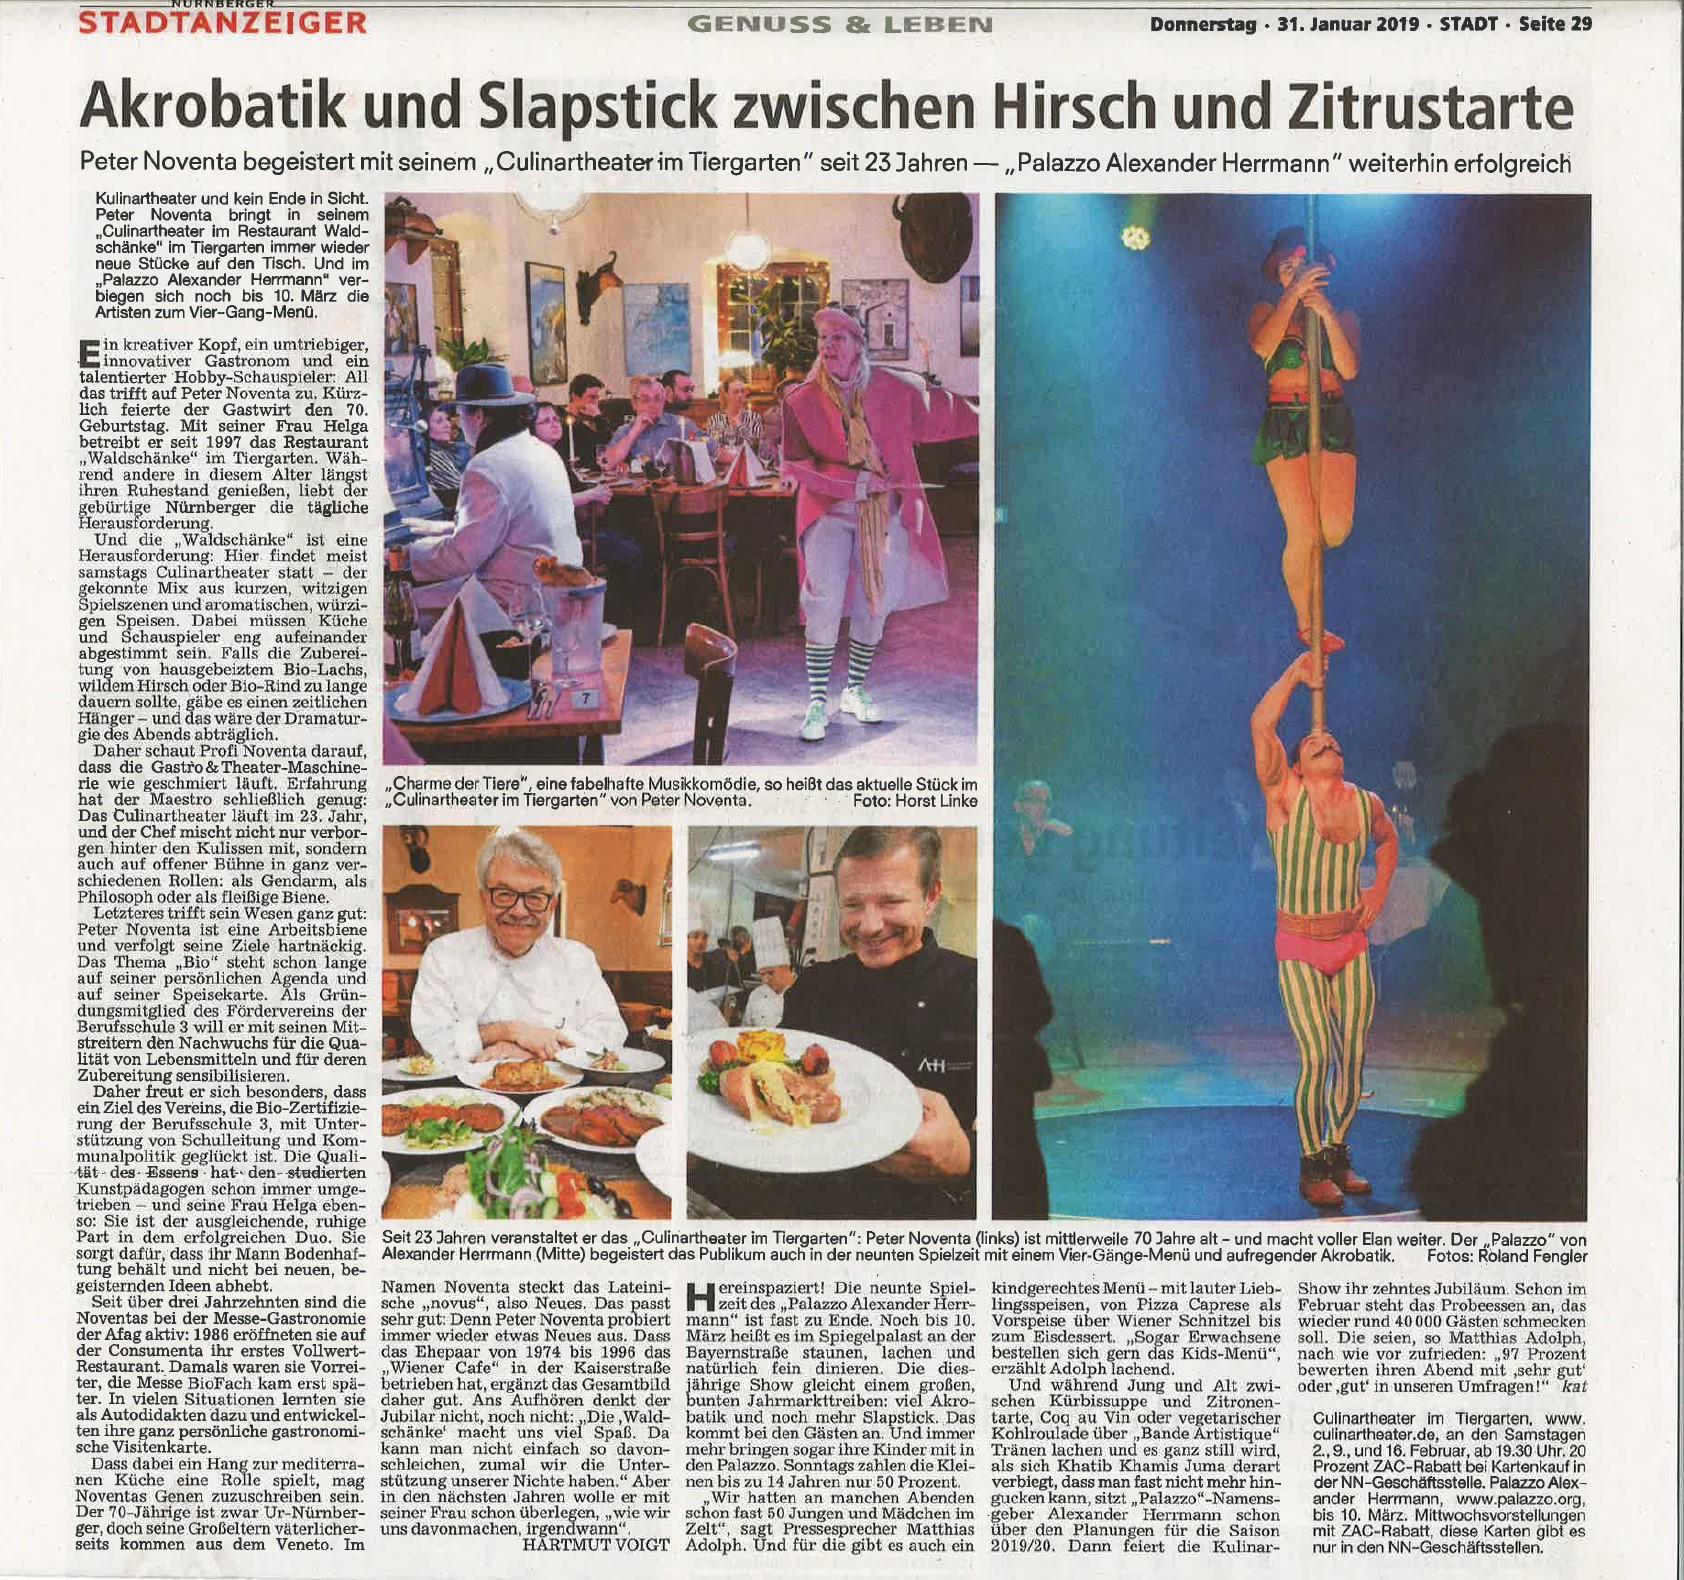 Stadtanzeiger - Culinartheater - 31.01.19.jpg